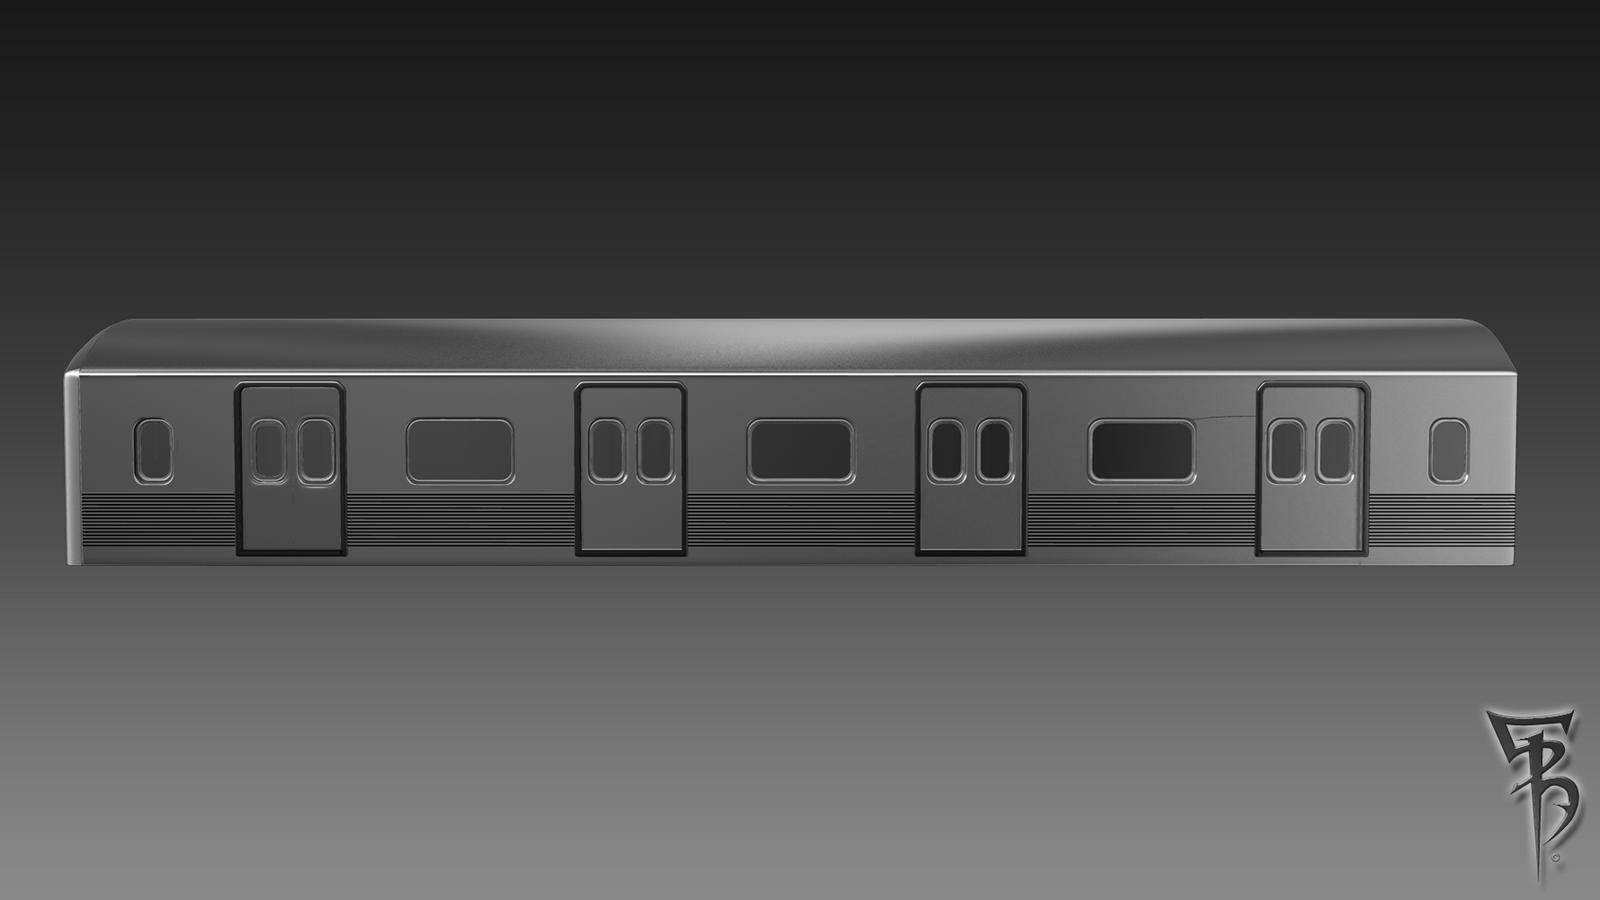 Subway-Trian-02 by BRokeNARRoW13